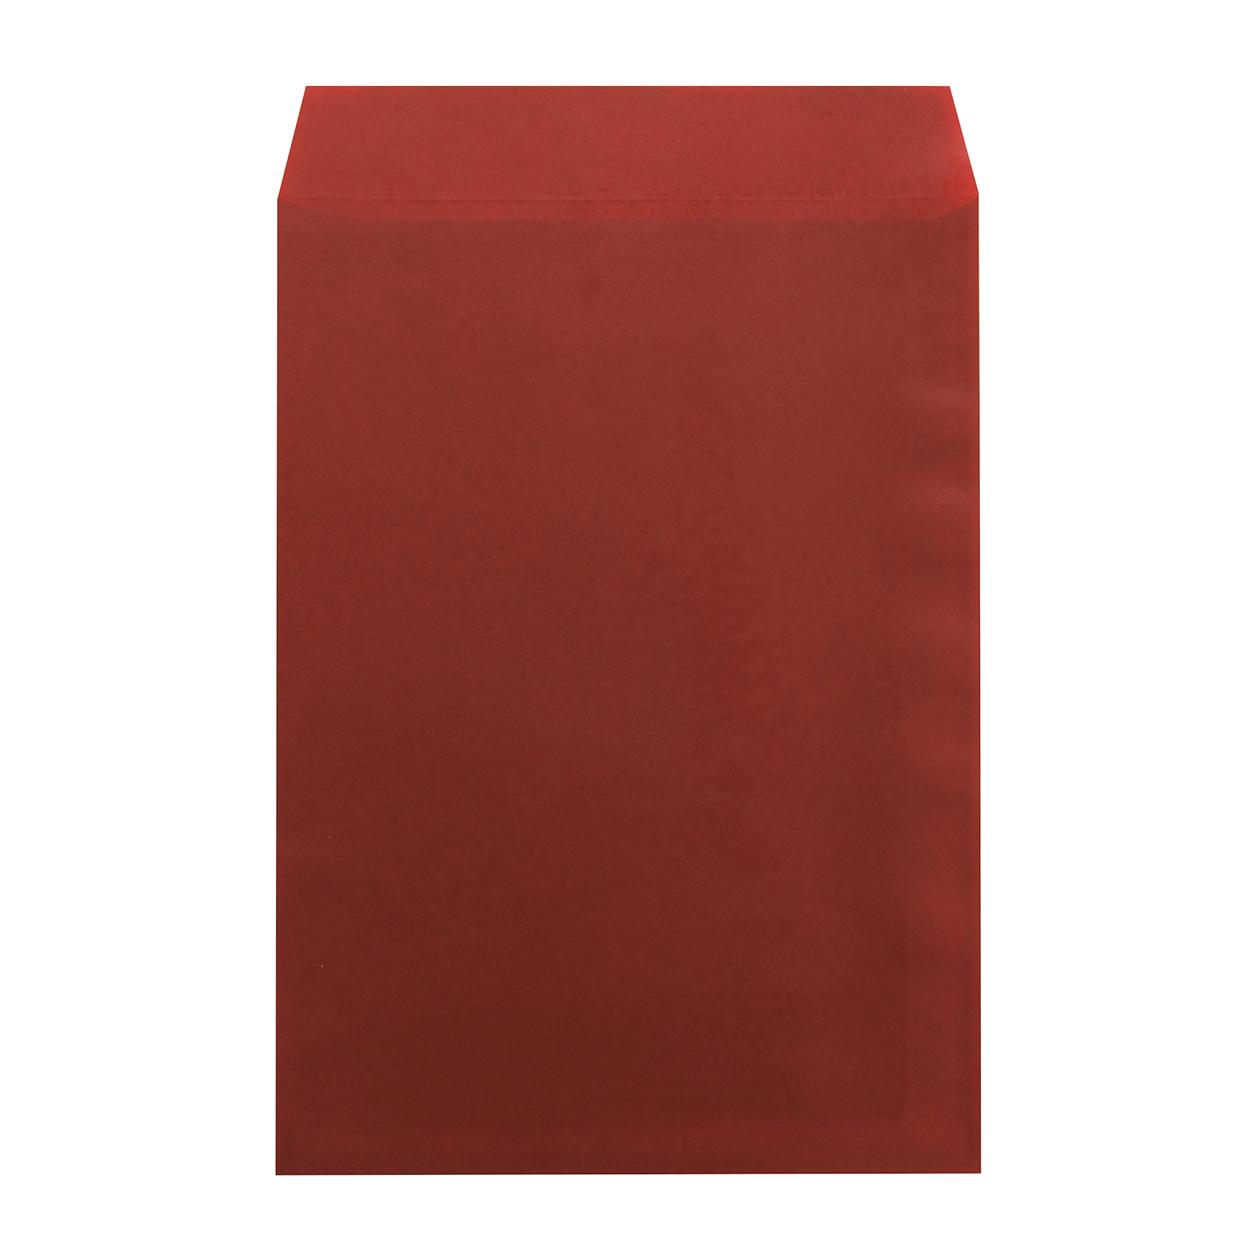 角2封筒 クラフトロウ引き レッド